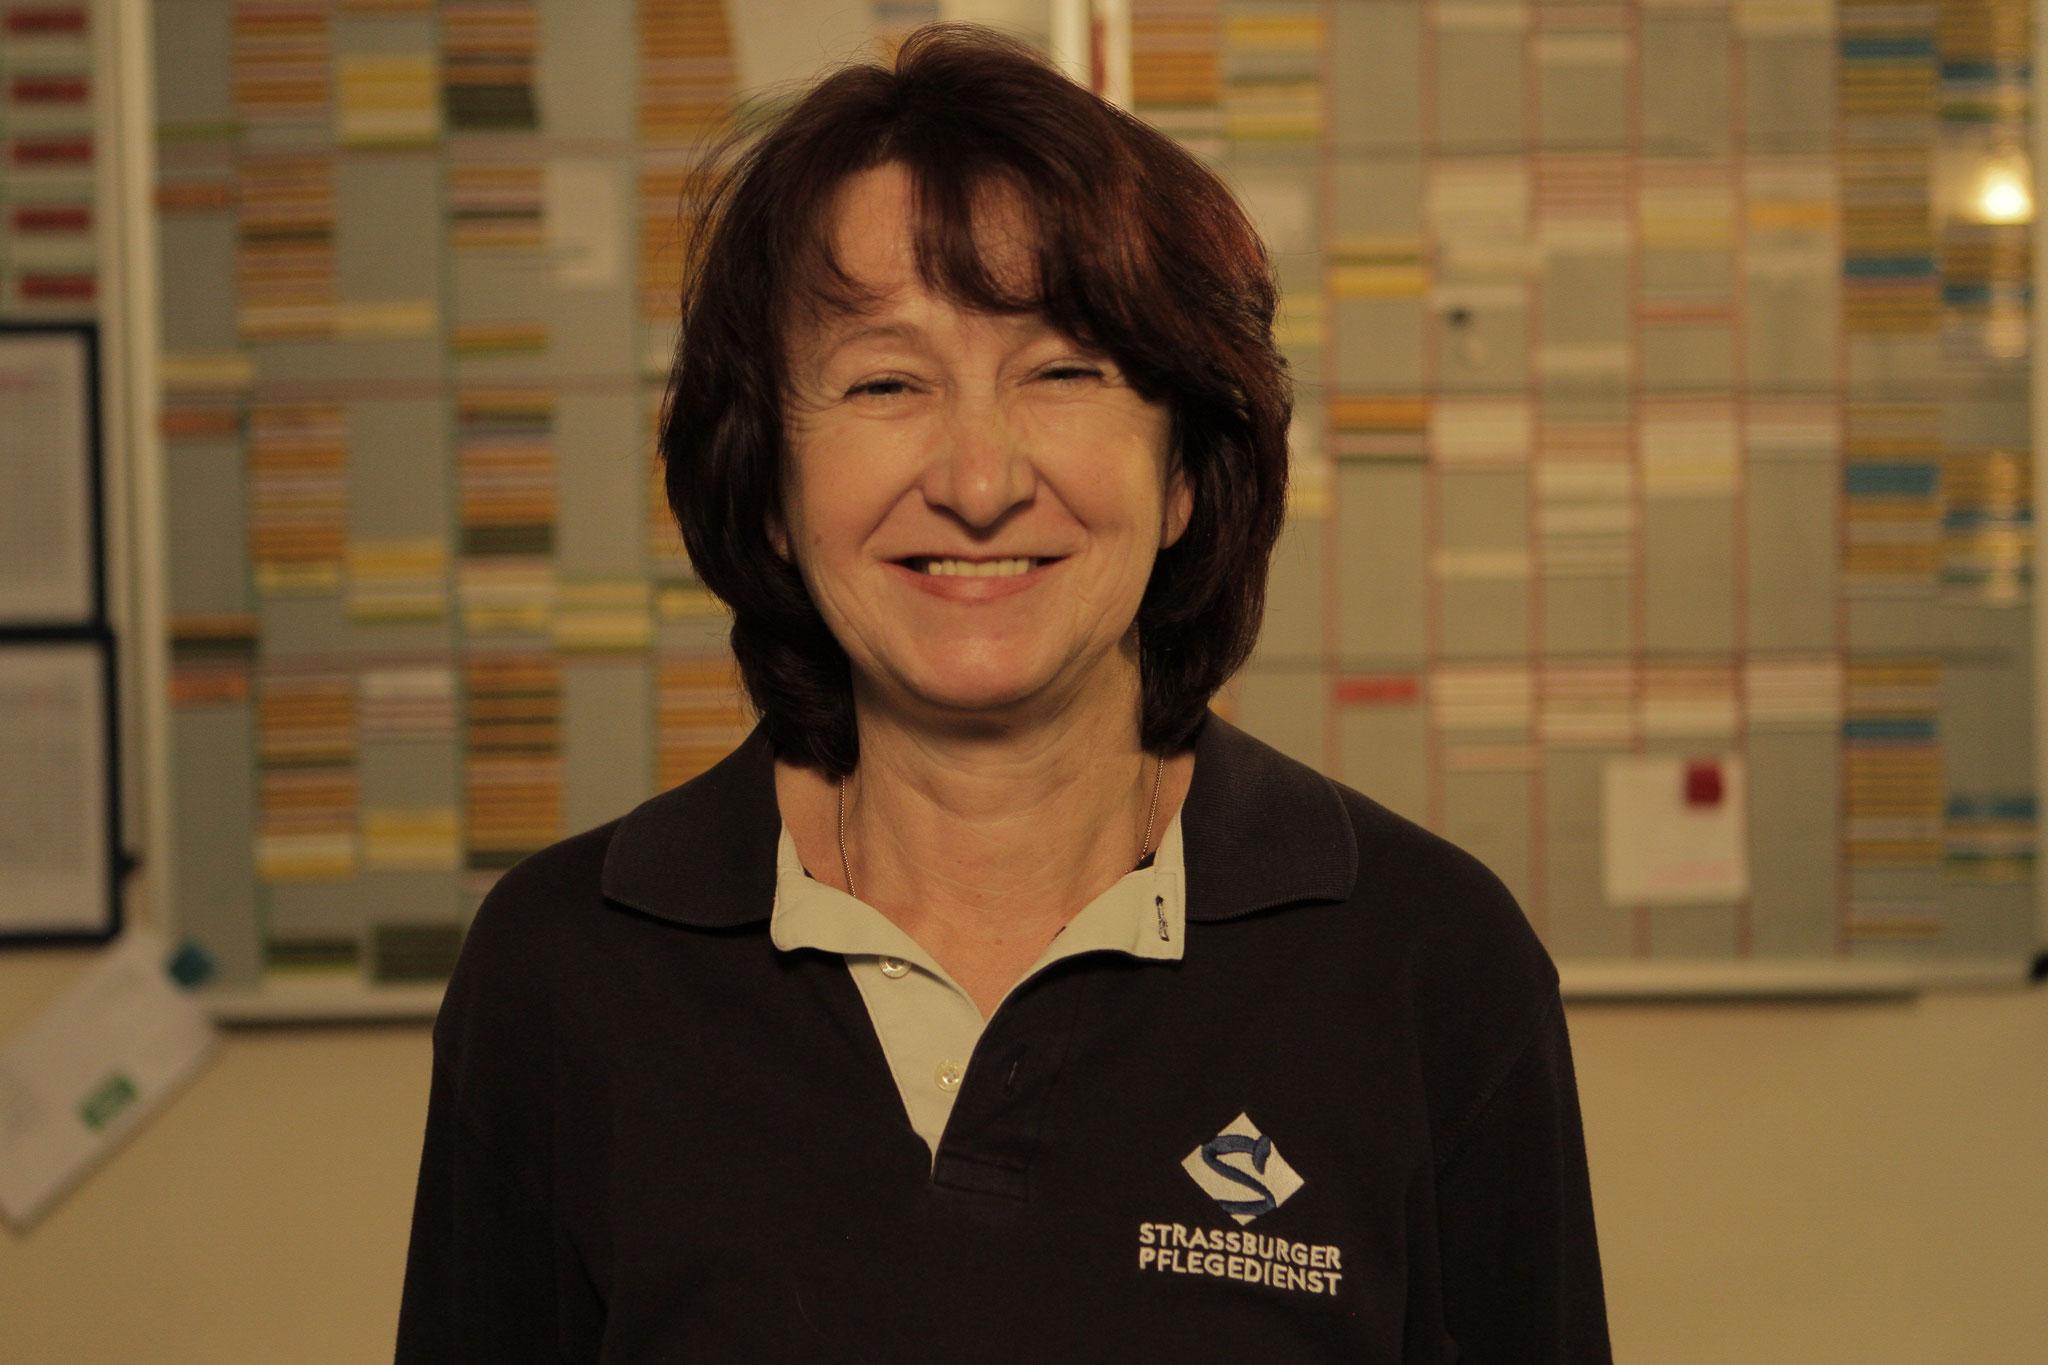 Barbara Neubauer, Krankenschwester, PDL